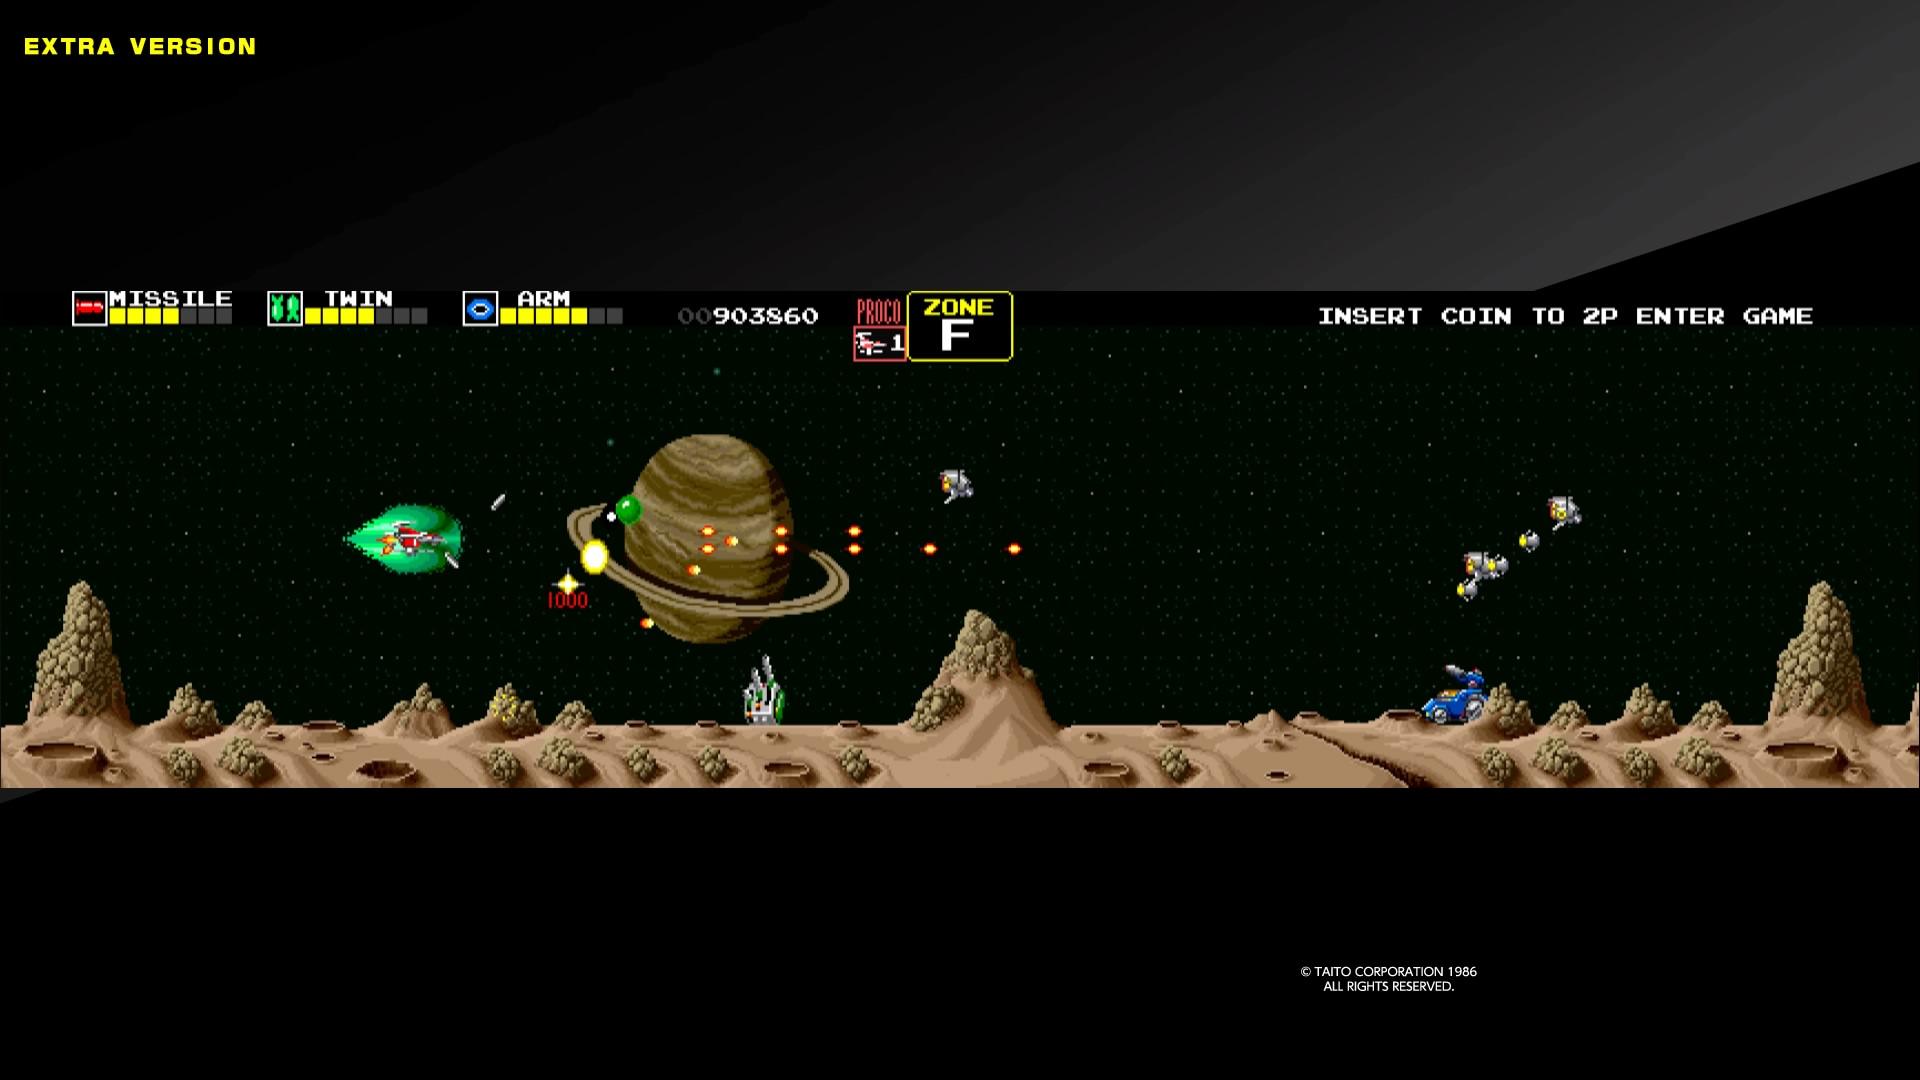 シューティングゲームとしてはオーソドックスな作り。画面が横に長いため、弾切れを起こすことも